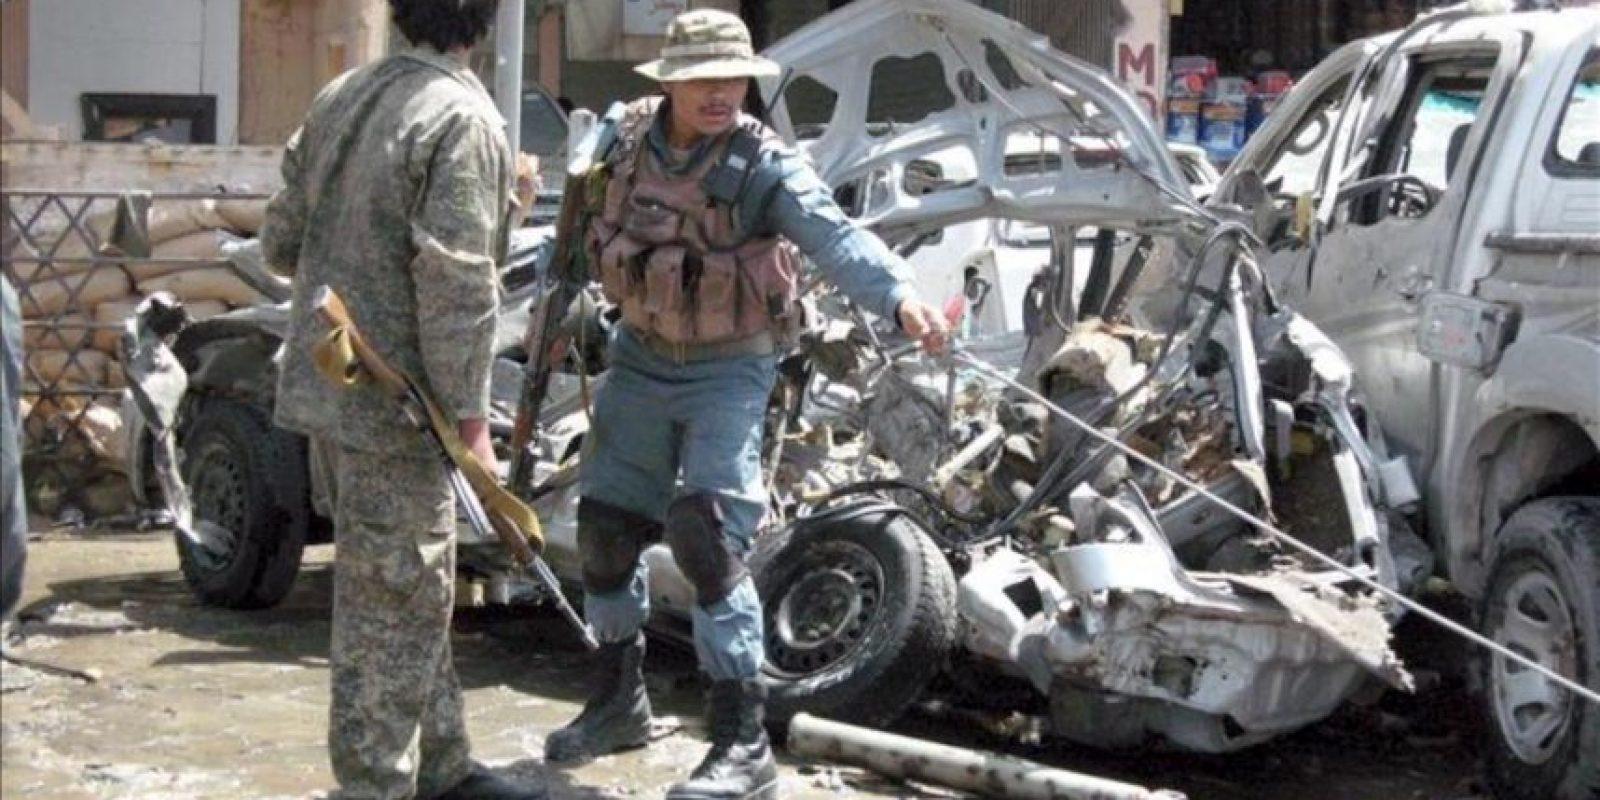 El atentado tuvo lugar en las puertas de una sucursal del Banco de Kabul, donde decenas de personas, en su mayoría funcionarios, se aprestaban a retirar sus salarios. EFE